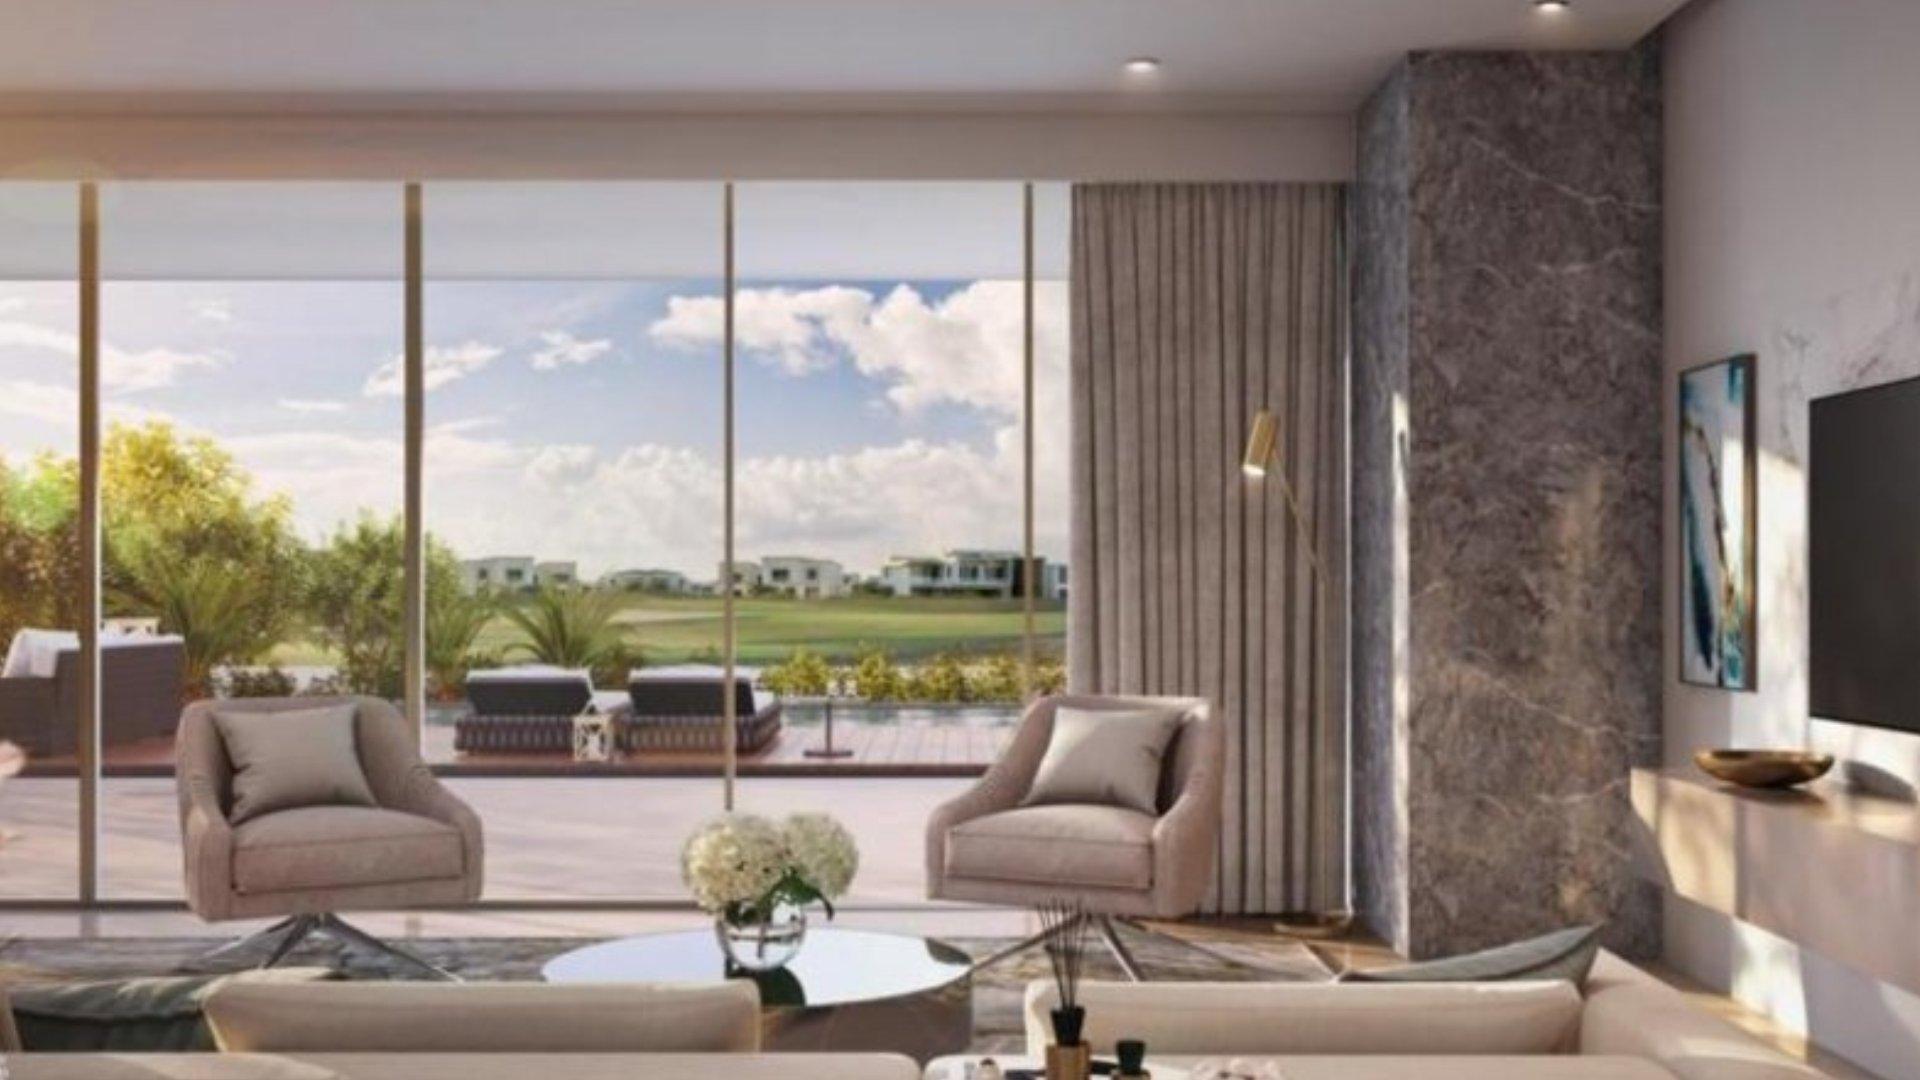 Villa en venta en Dubai, EAU, 7 dormitorios, 1301 m2, № 24641 – foto 5